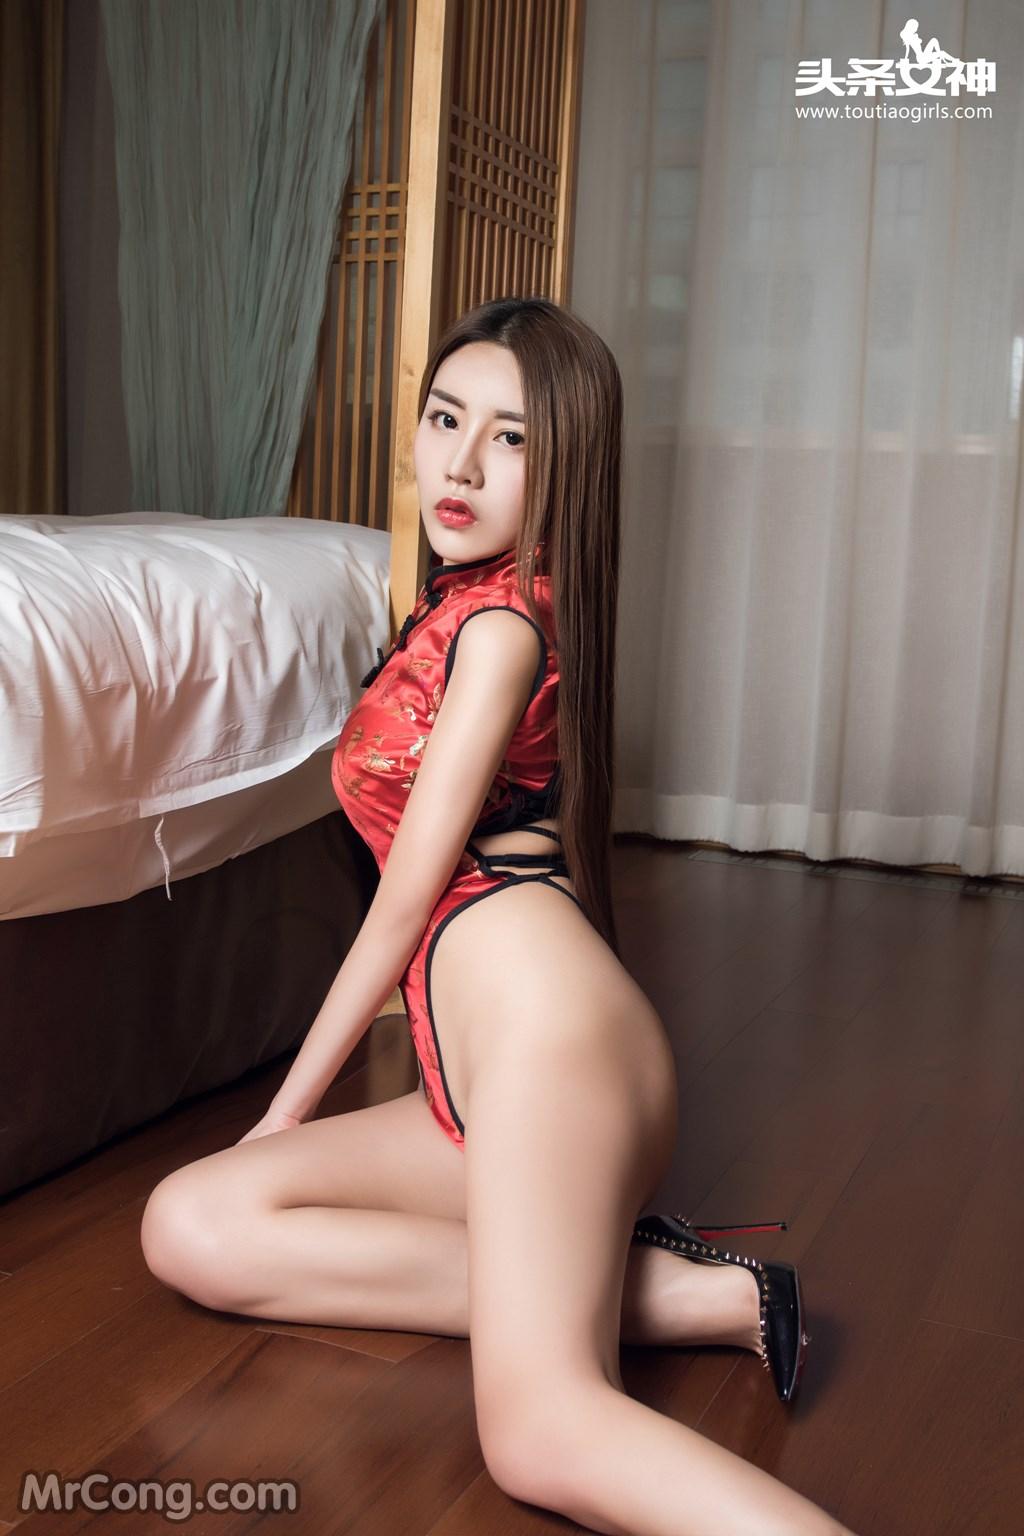 Image MrCong.com-TouTiao-2016-12-13-An-Su-Rui-006 in post TouTiao 2016-12-13: Người mẫu An Su Rui (安苏芮) (18 ảnh)